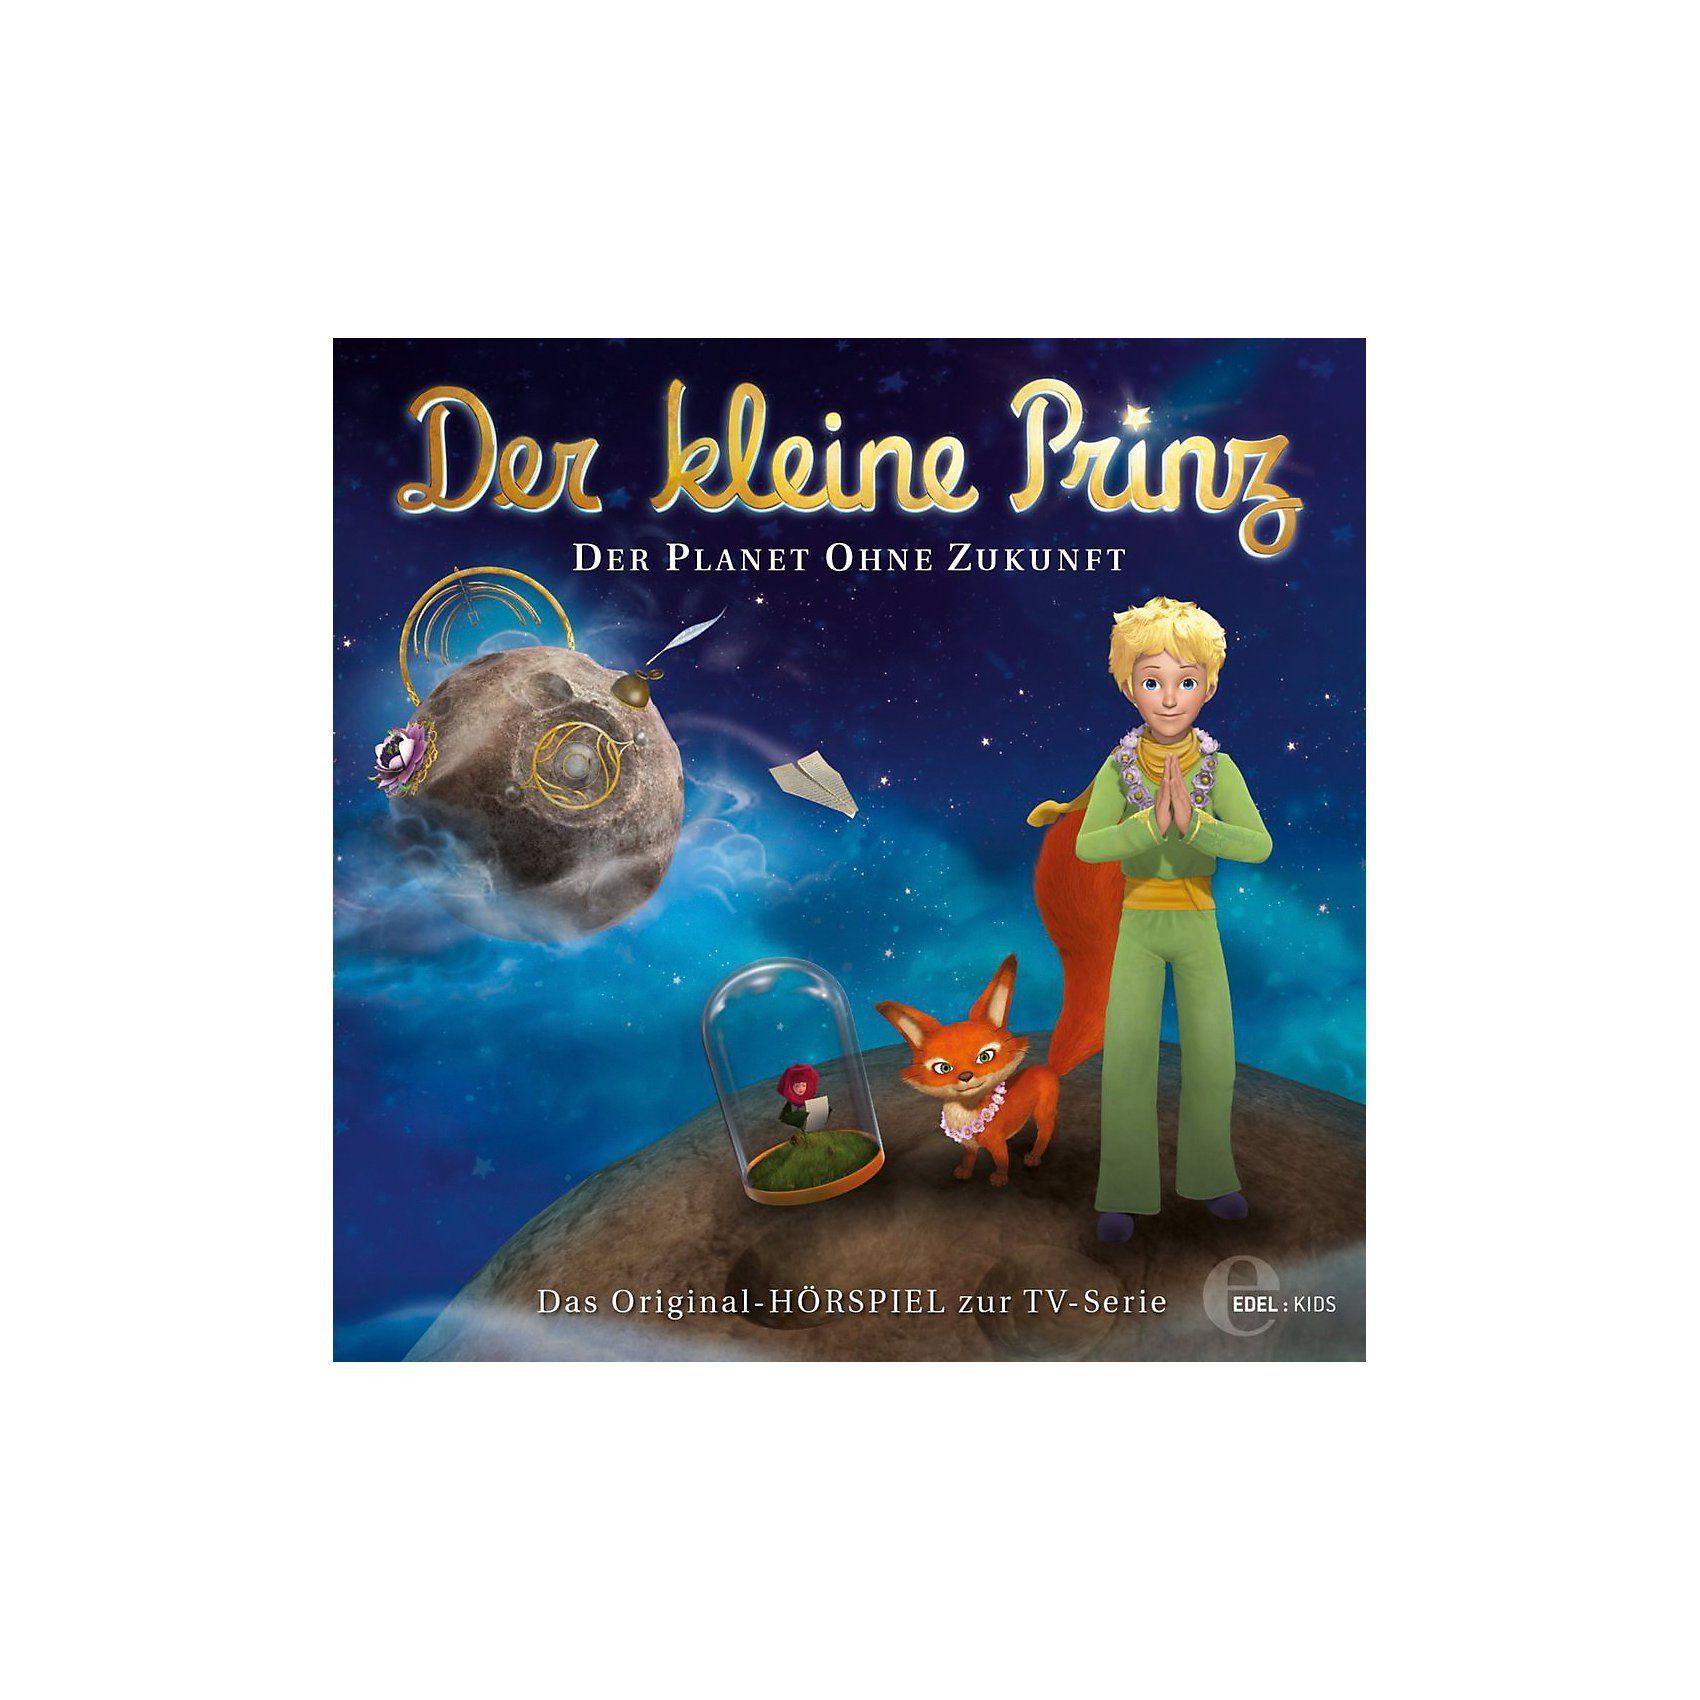 Edel CD Der Kleine Prinz 21 - Der Planet ohne Zukunft